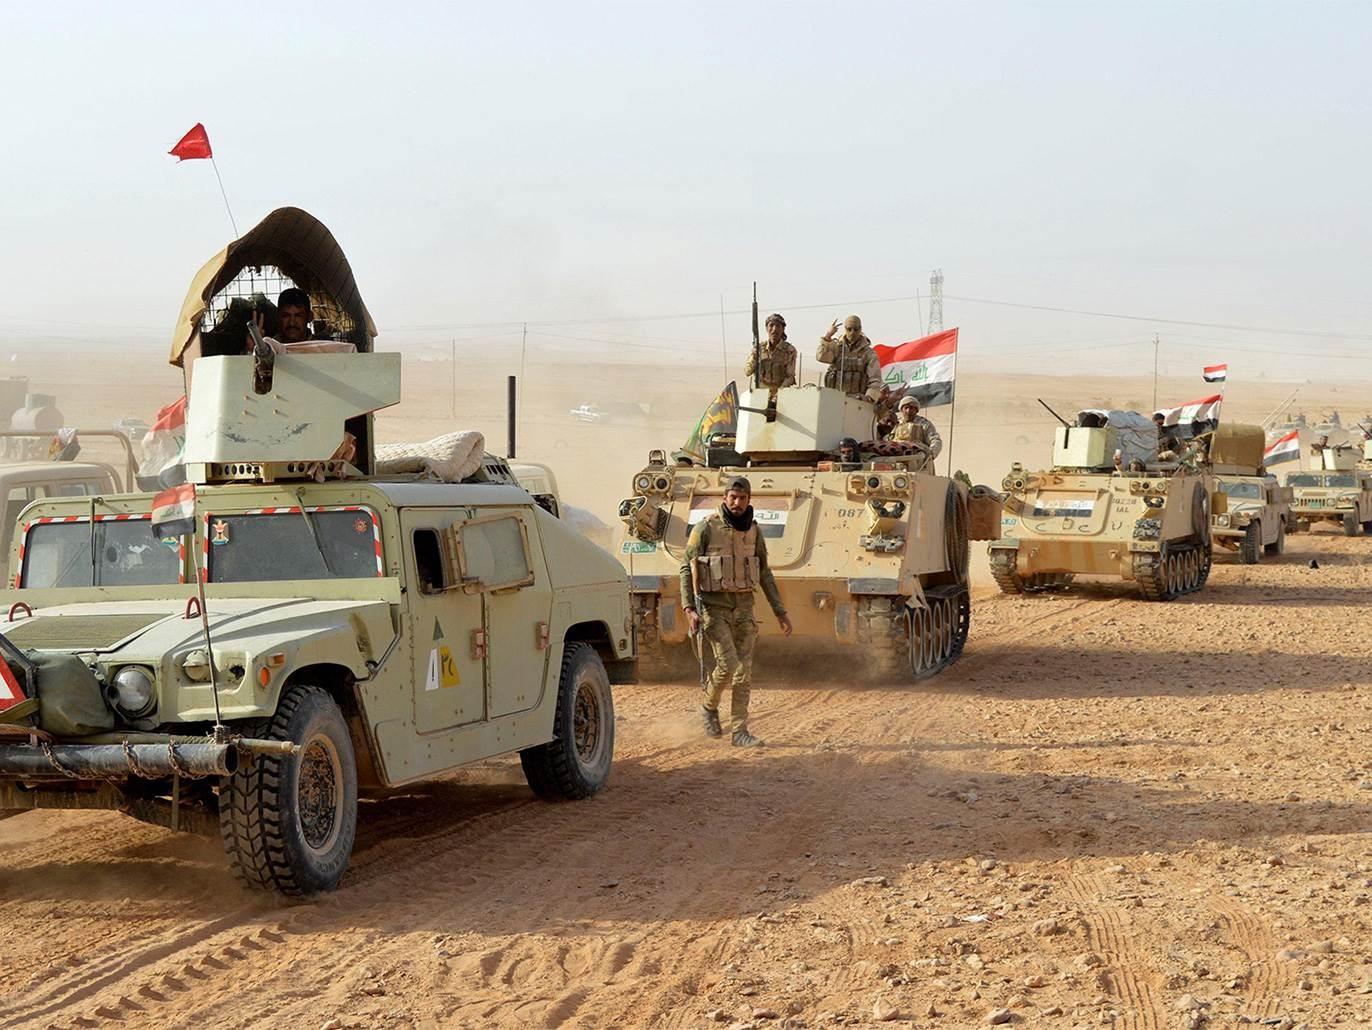 انطلاق العمليات الأمنية العراقية ضد فلول تنظيم داعش في محافظتي ديالى وكركوك